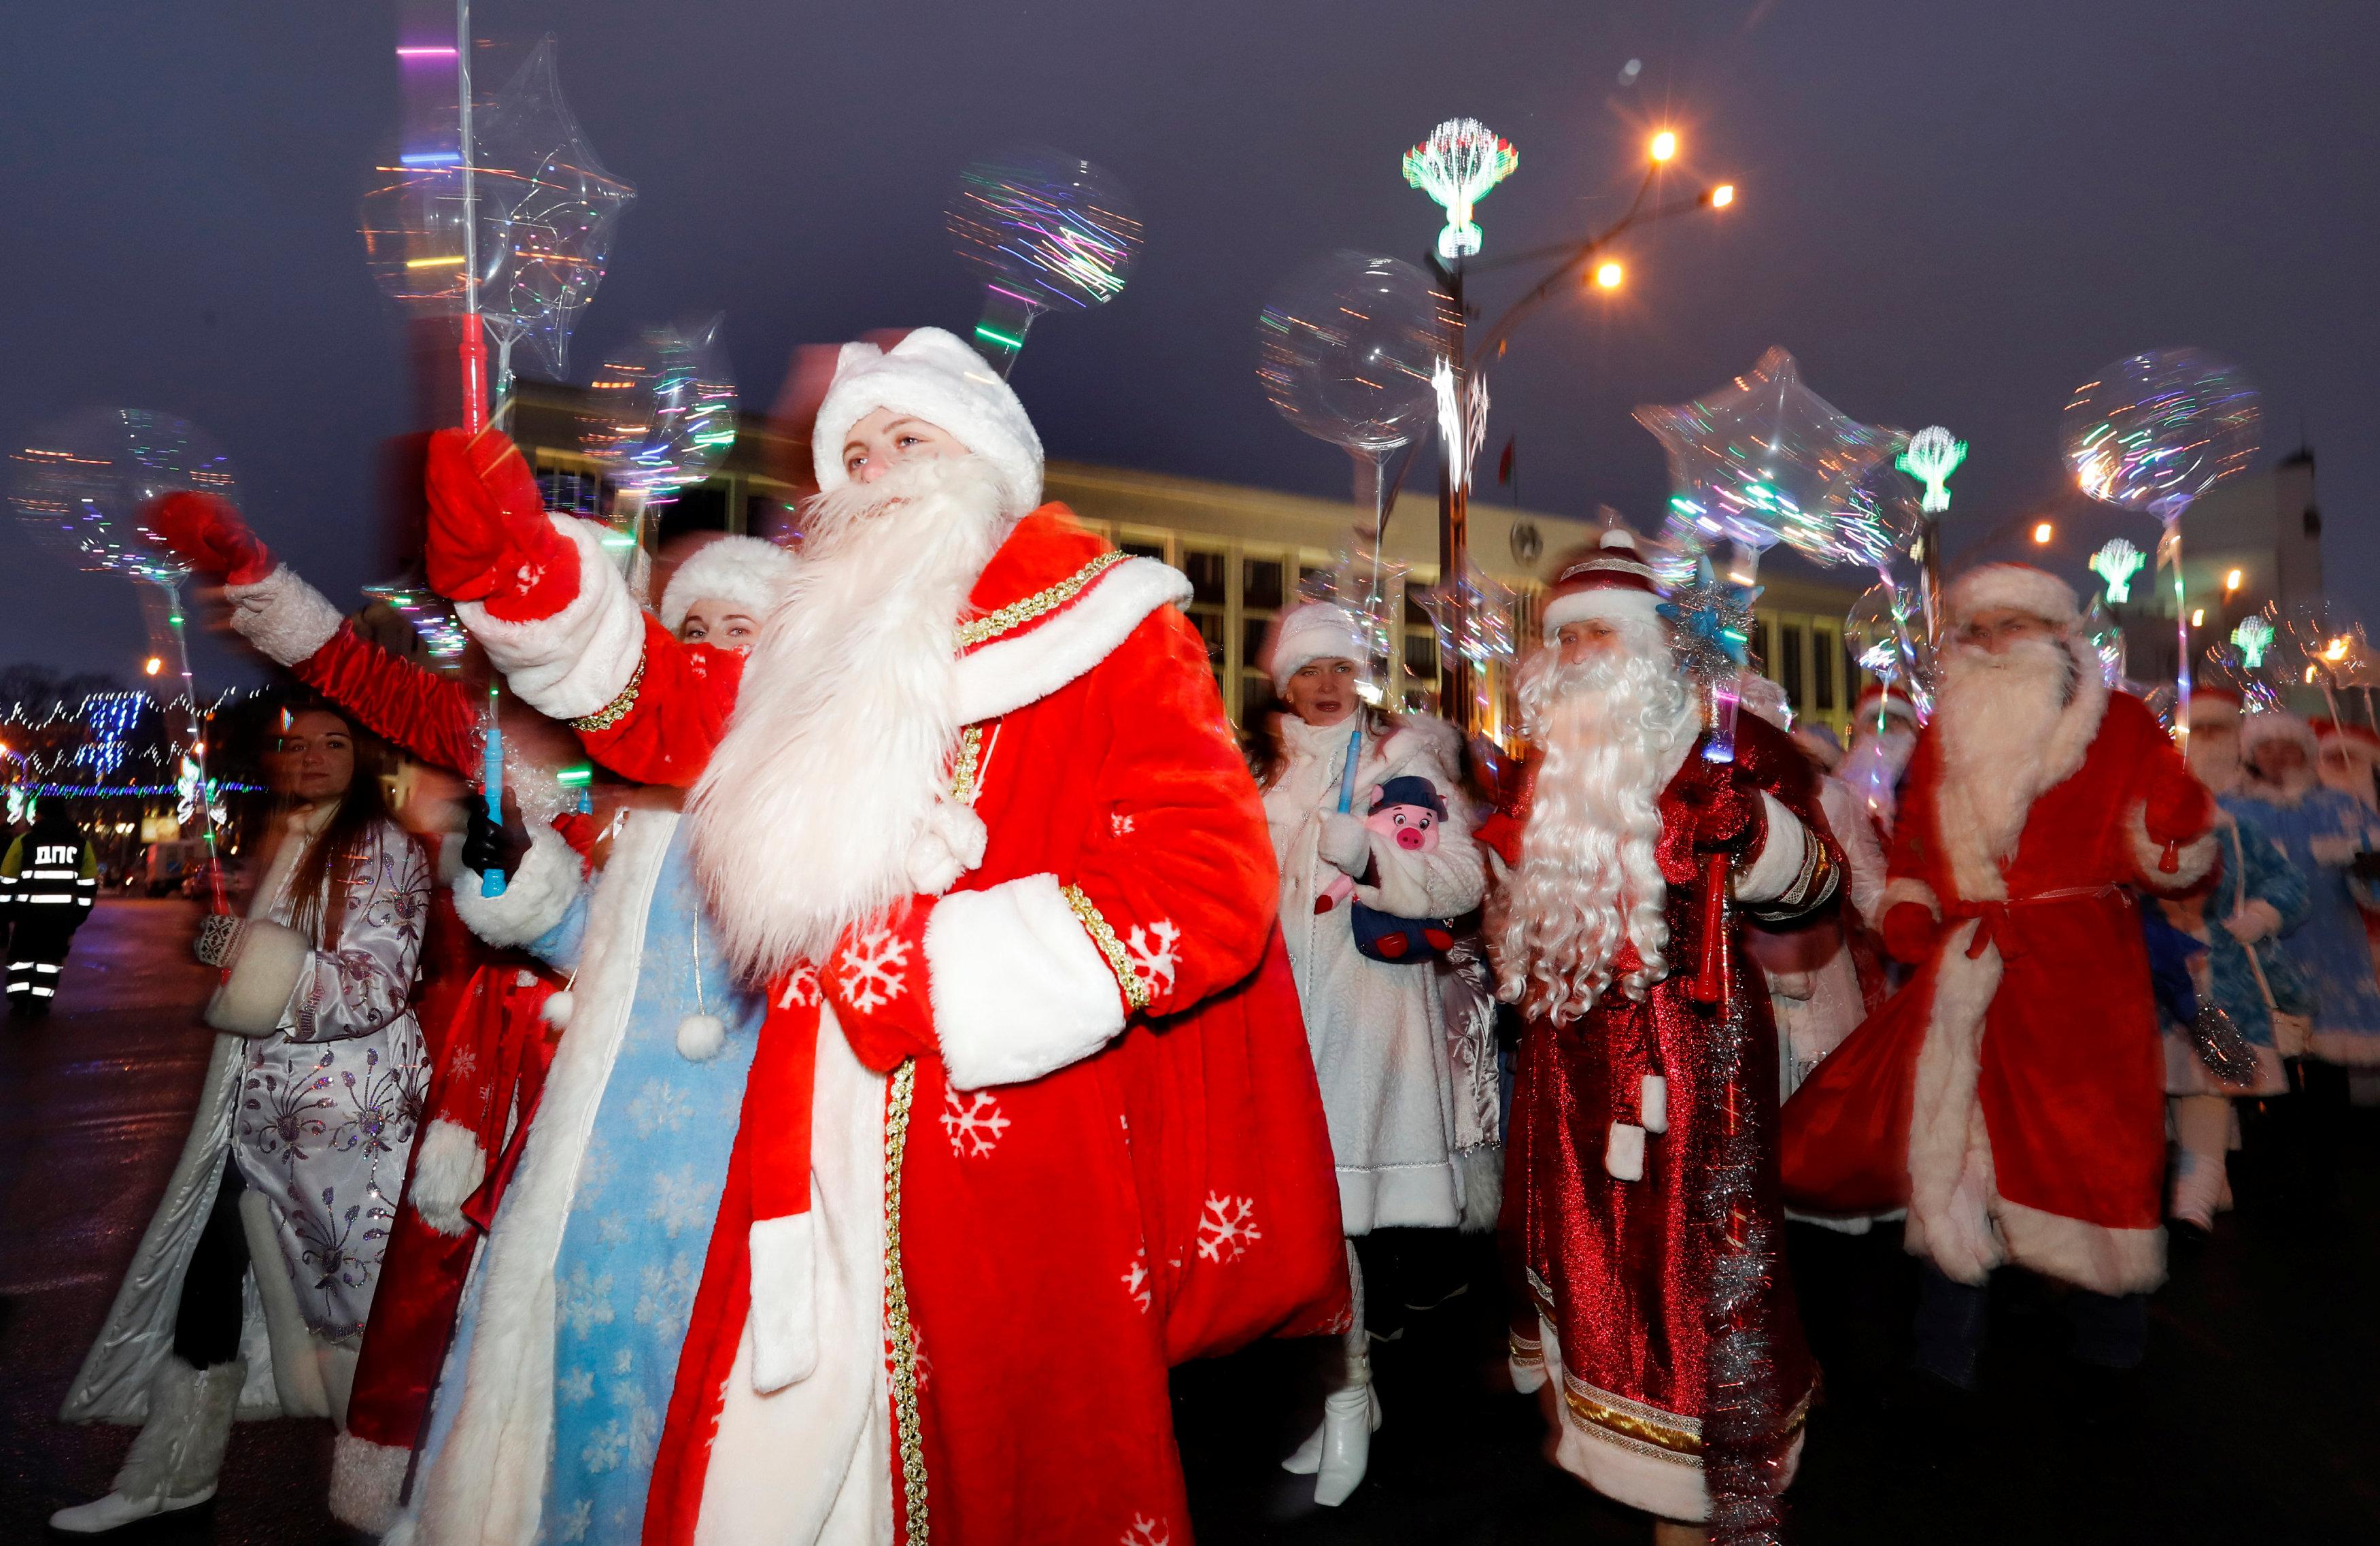 احتفالات أعياد الميلاد فى بيلاروسيا